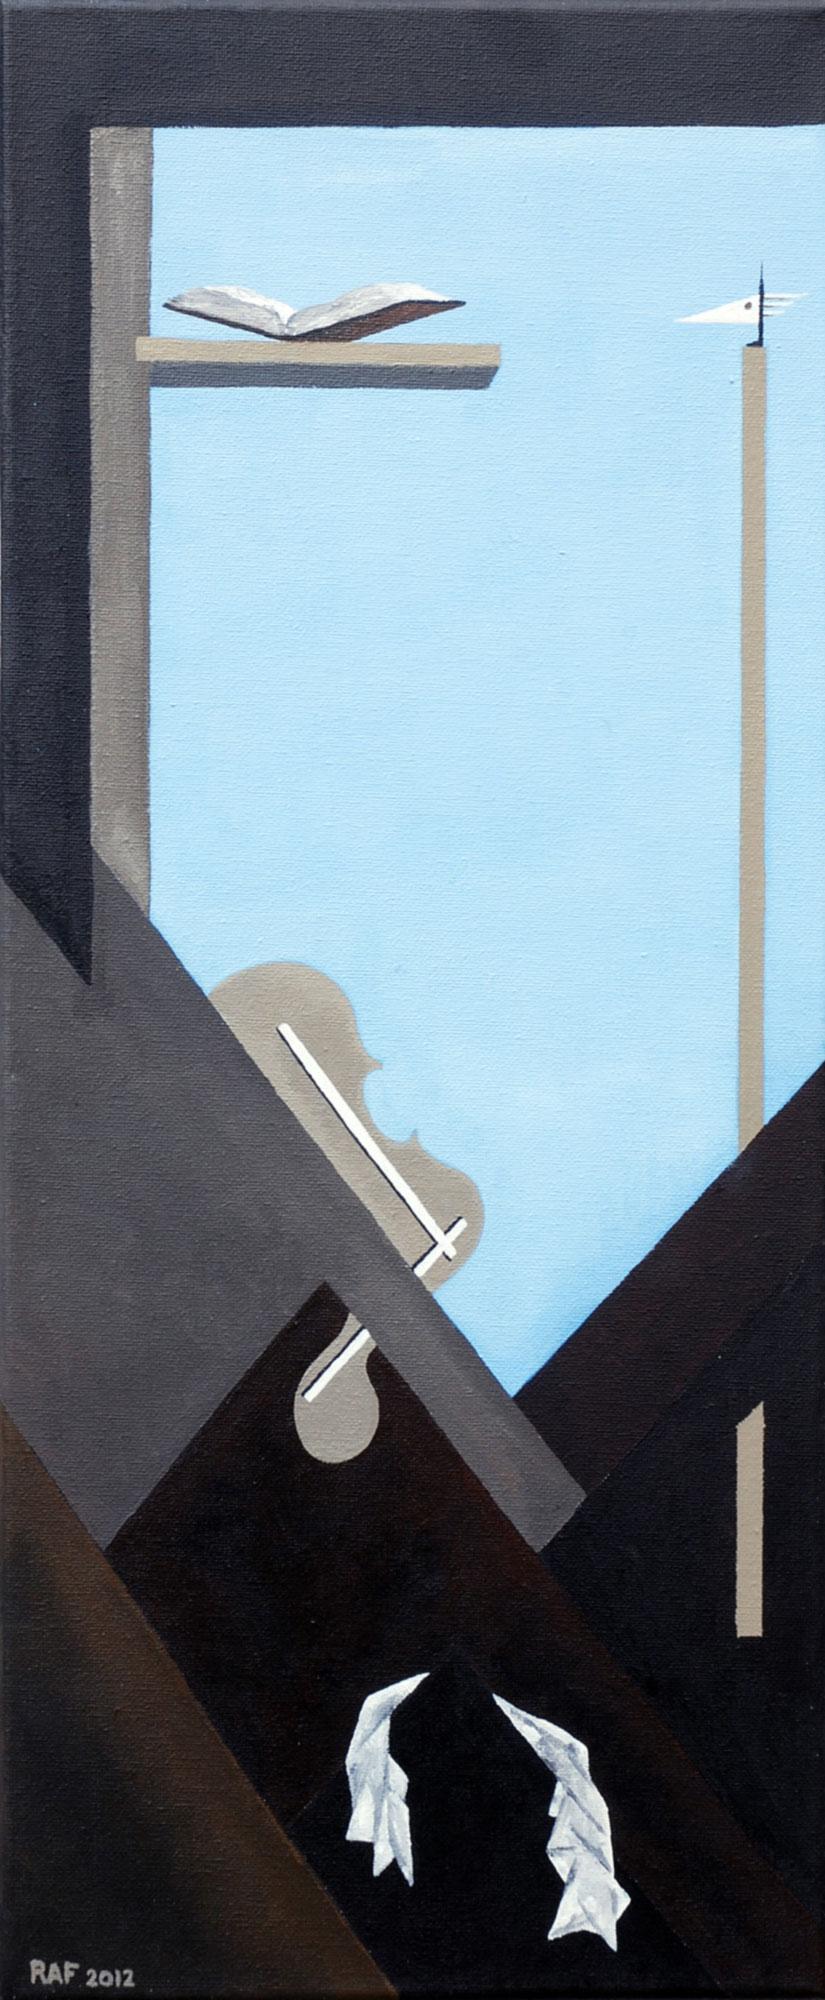 L'entracte, peinture acrylique sur toile, 2012, peinture acrylique sur carton, 25x60 cm